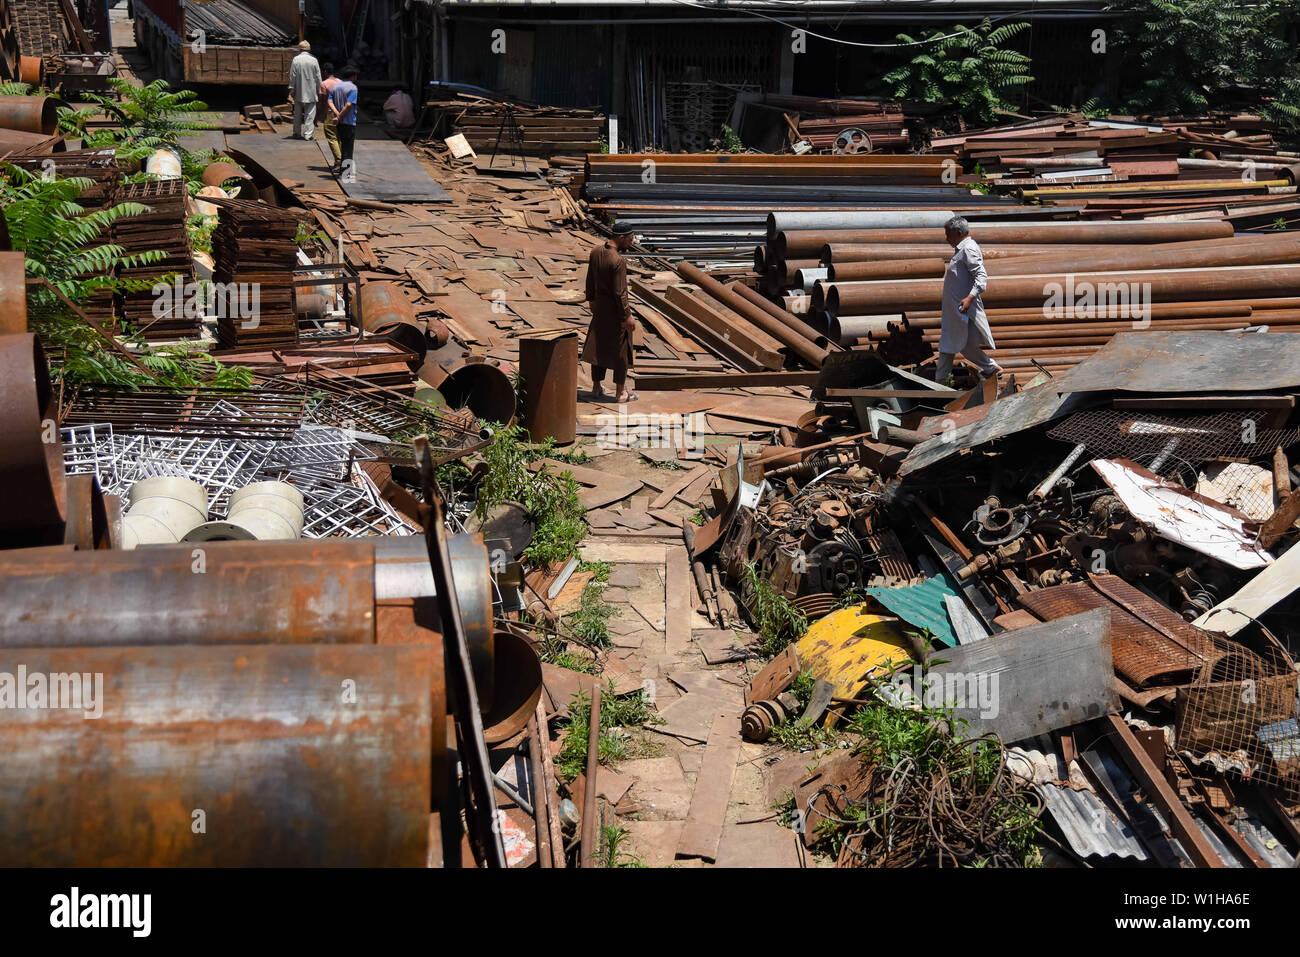 Scrap Metal Dealing Stock Photos & Scrap Metal Dealing Stock